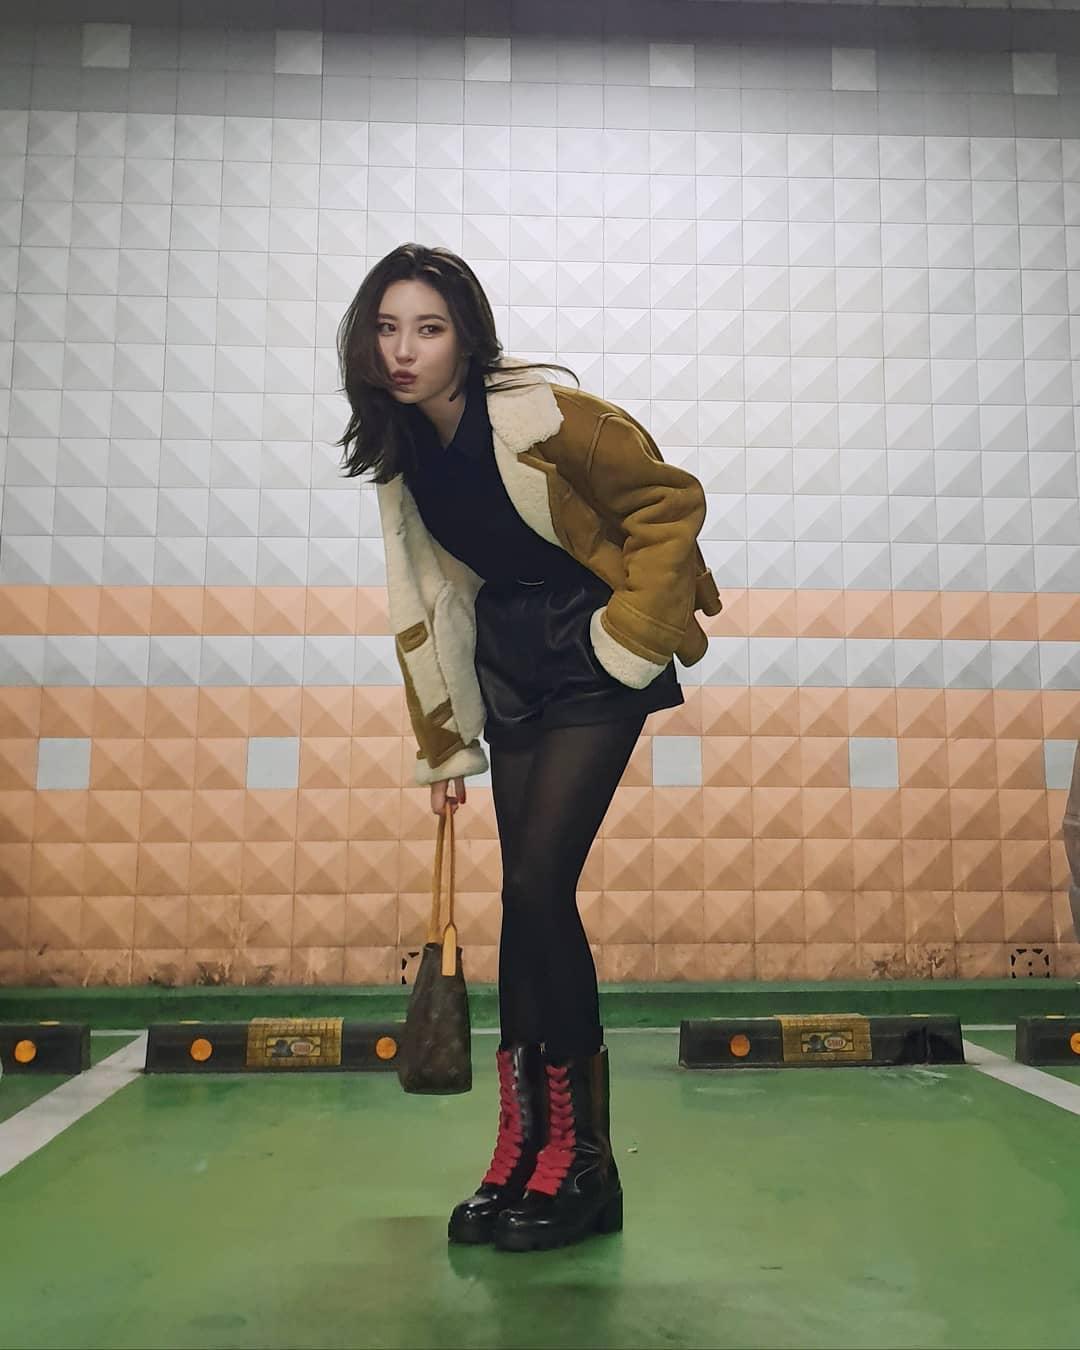 Sao Hàn Sunmi mặc áo khoác da, mang bốt đen Gucci